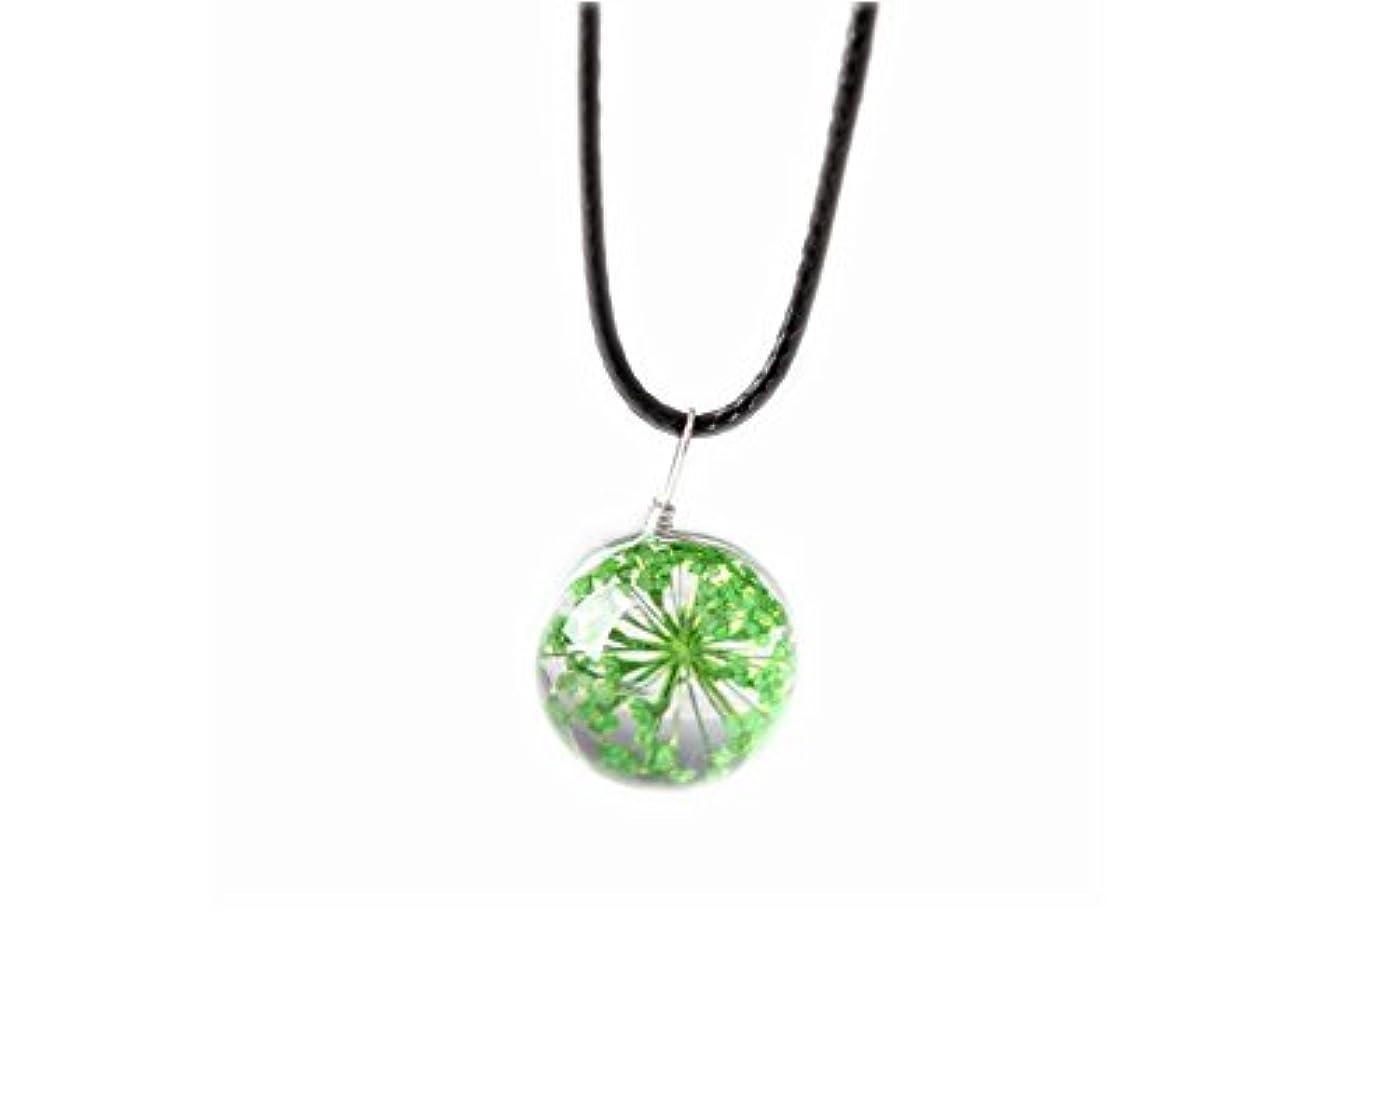 禁止早熟ラベンダー4本のペンダントネックレスギフトのセットGypsophila Dried Flowers Necklace - Green